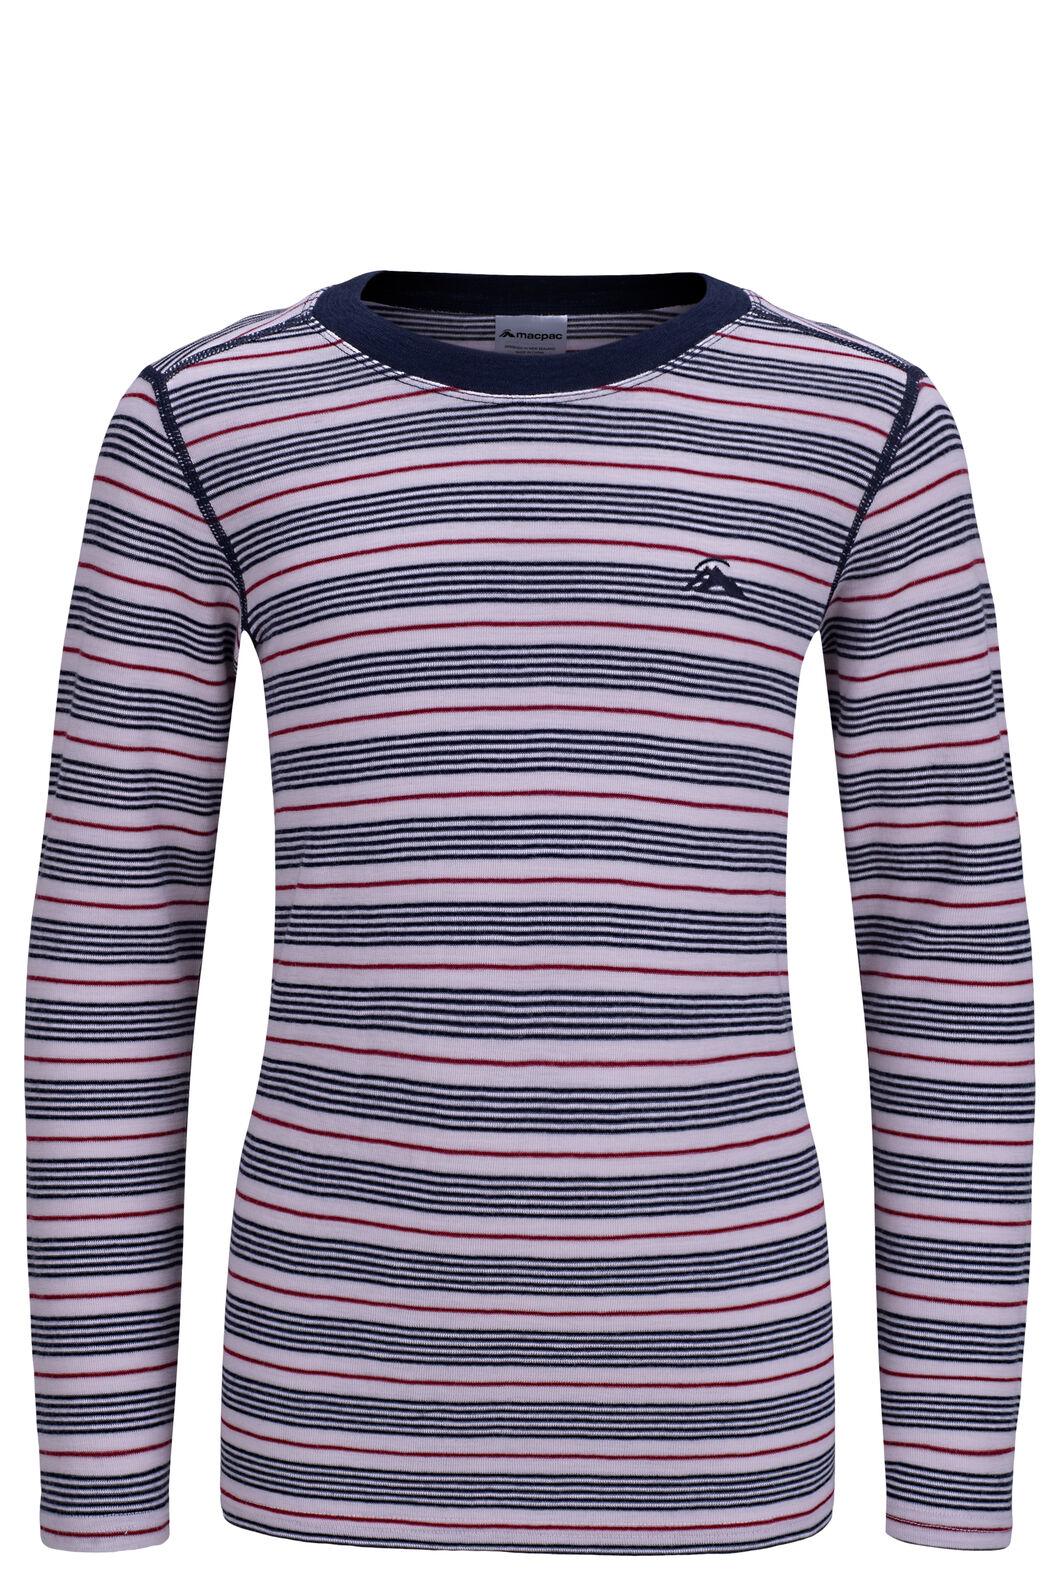 Macpac 220 Merino Long Sleeve Top — Kids', Cradle Pink Stripe, hi-res